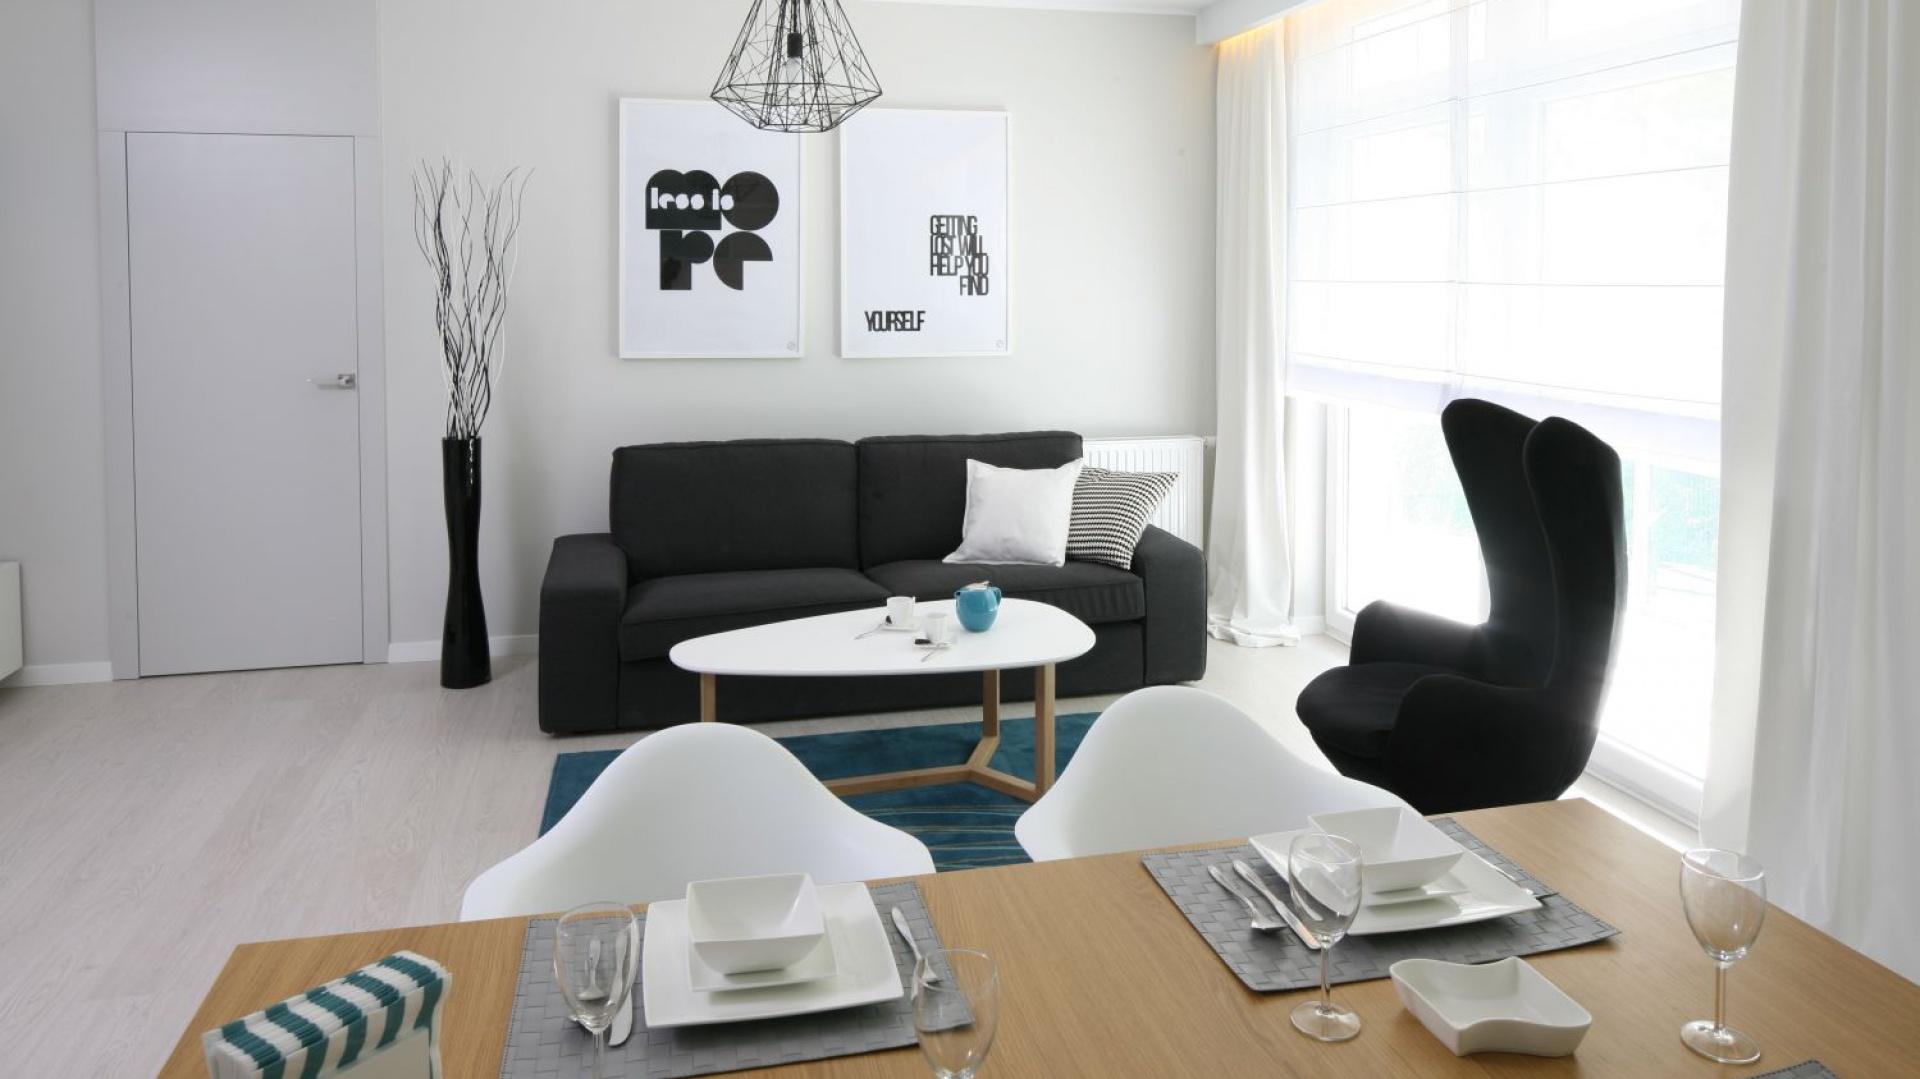 Jasną przestrzeń dzienną urządzono w subtelnych i bardzo modnych szarościach. Strefę wypoczynkową organizuje niewielka sofa w czarnym kolorze. Projekt: Anna Maria Sokołowska. Fot. Bartosz Jarosz.